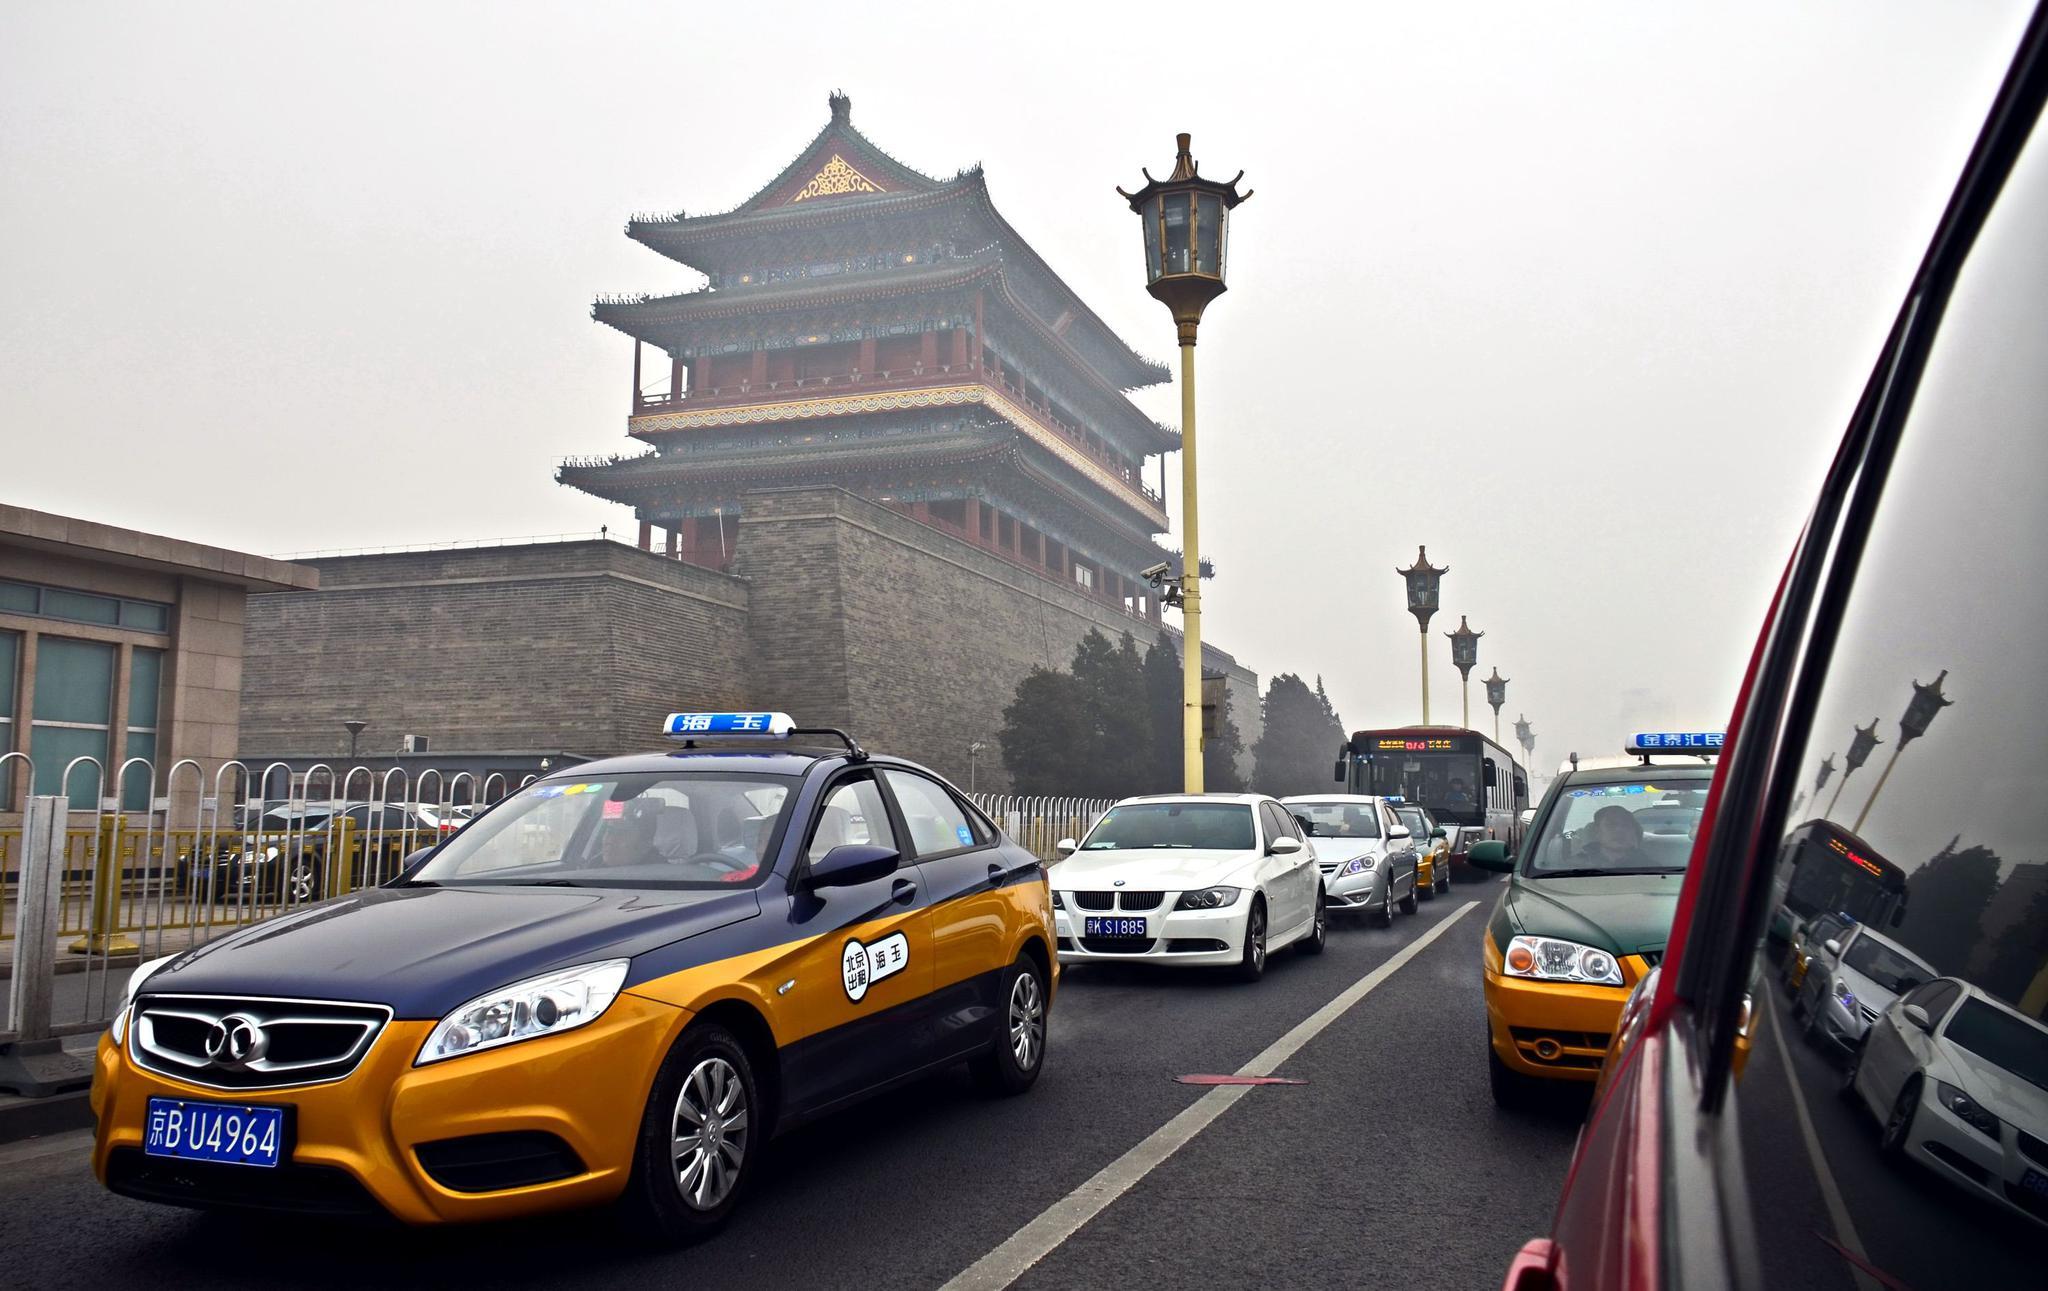 交通运输部官网上连续发表7篇评论传达出强烈信号